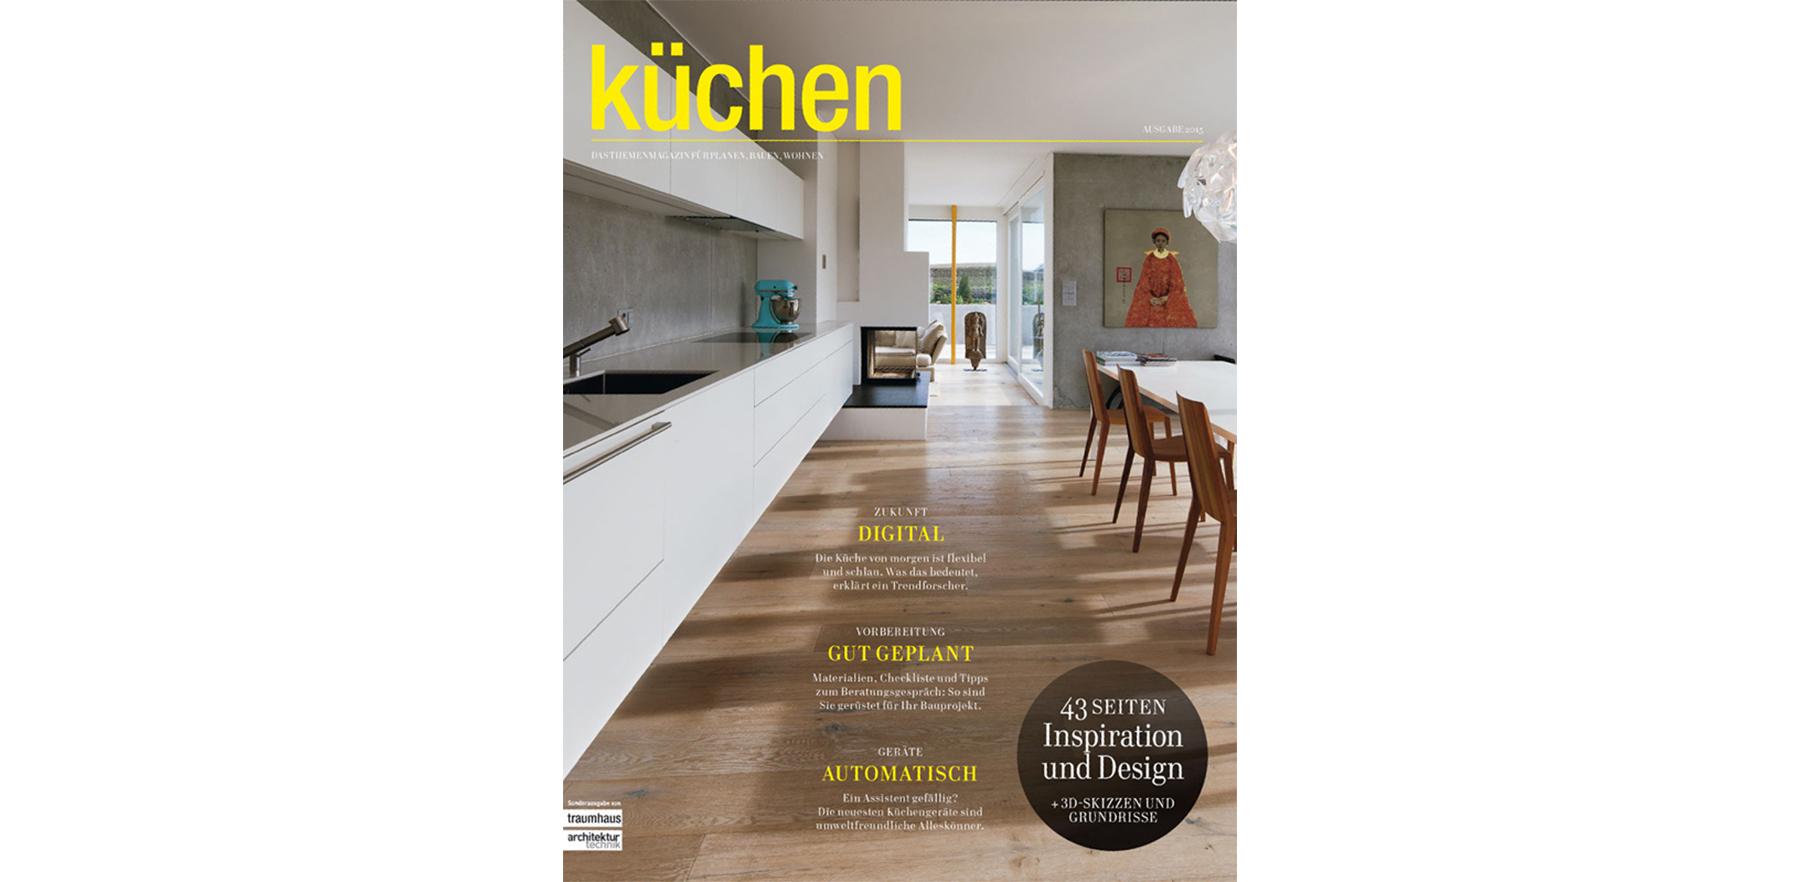 Wunderbar Küchendesign Ideen 2015 Bilder - Küche Set Ideen ...